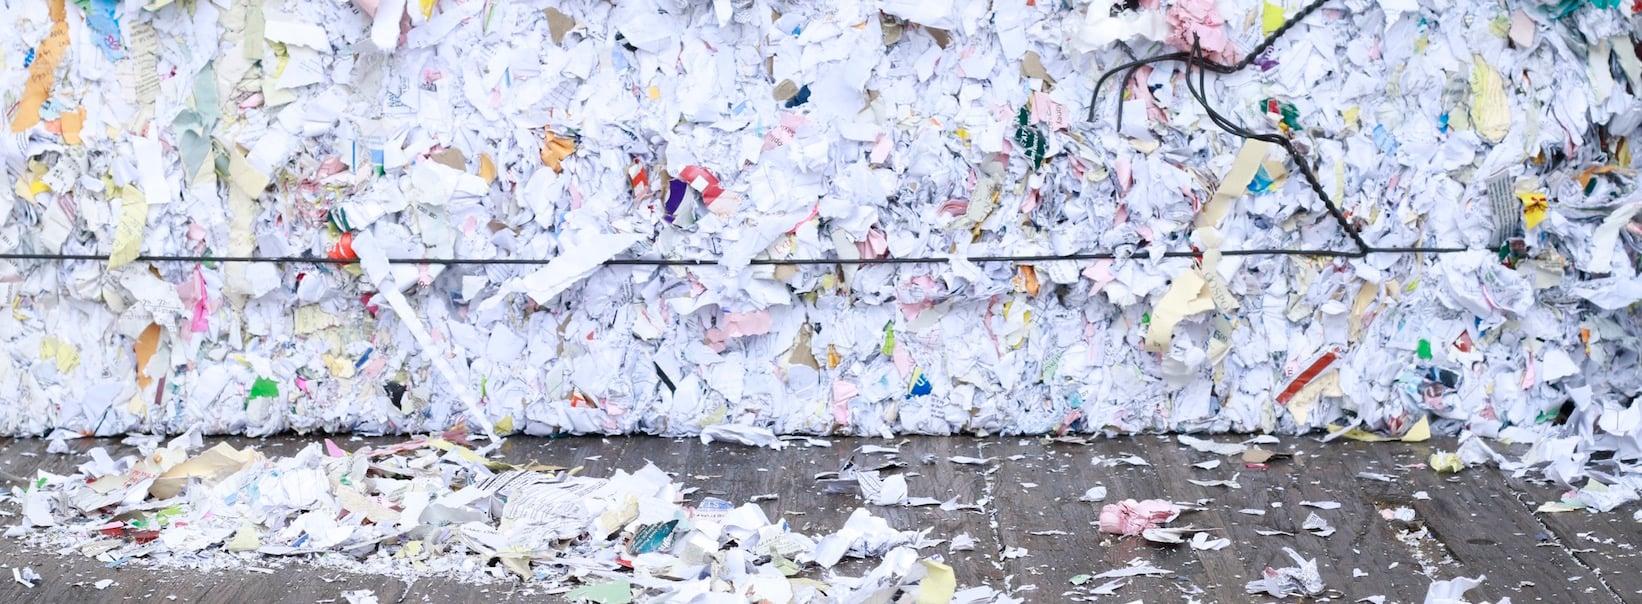 Document Destruction Services